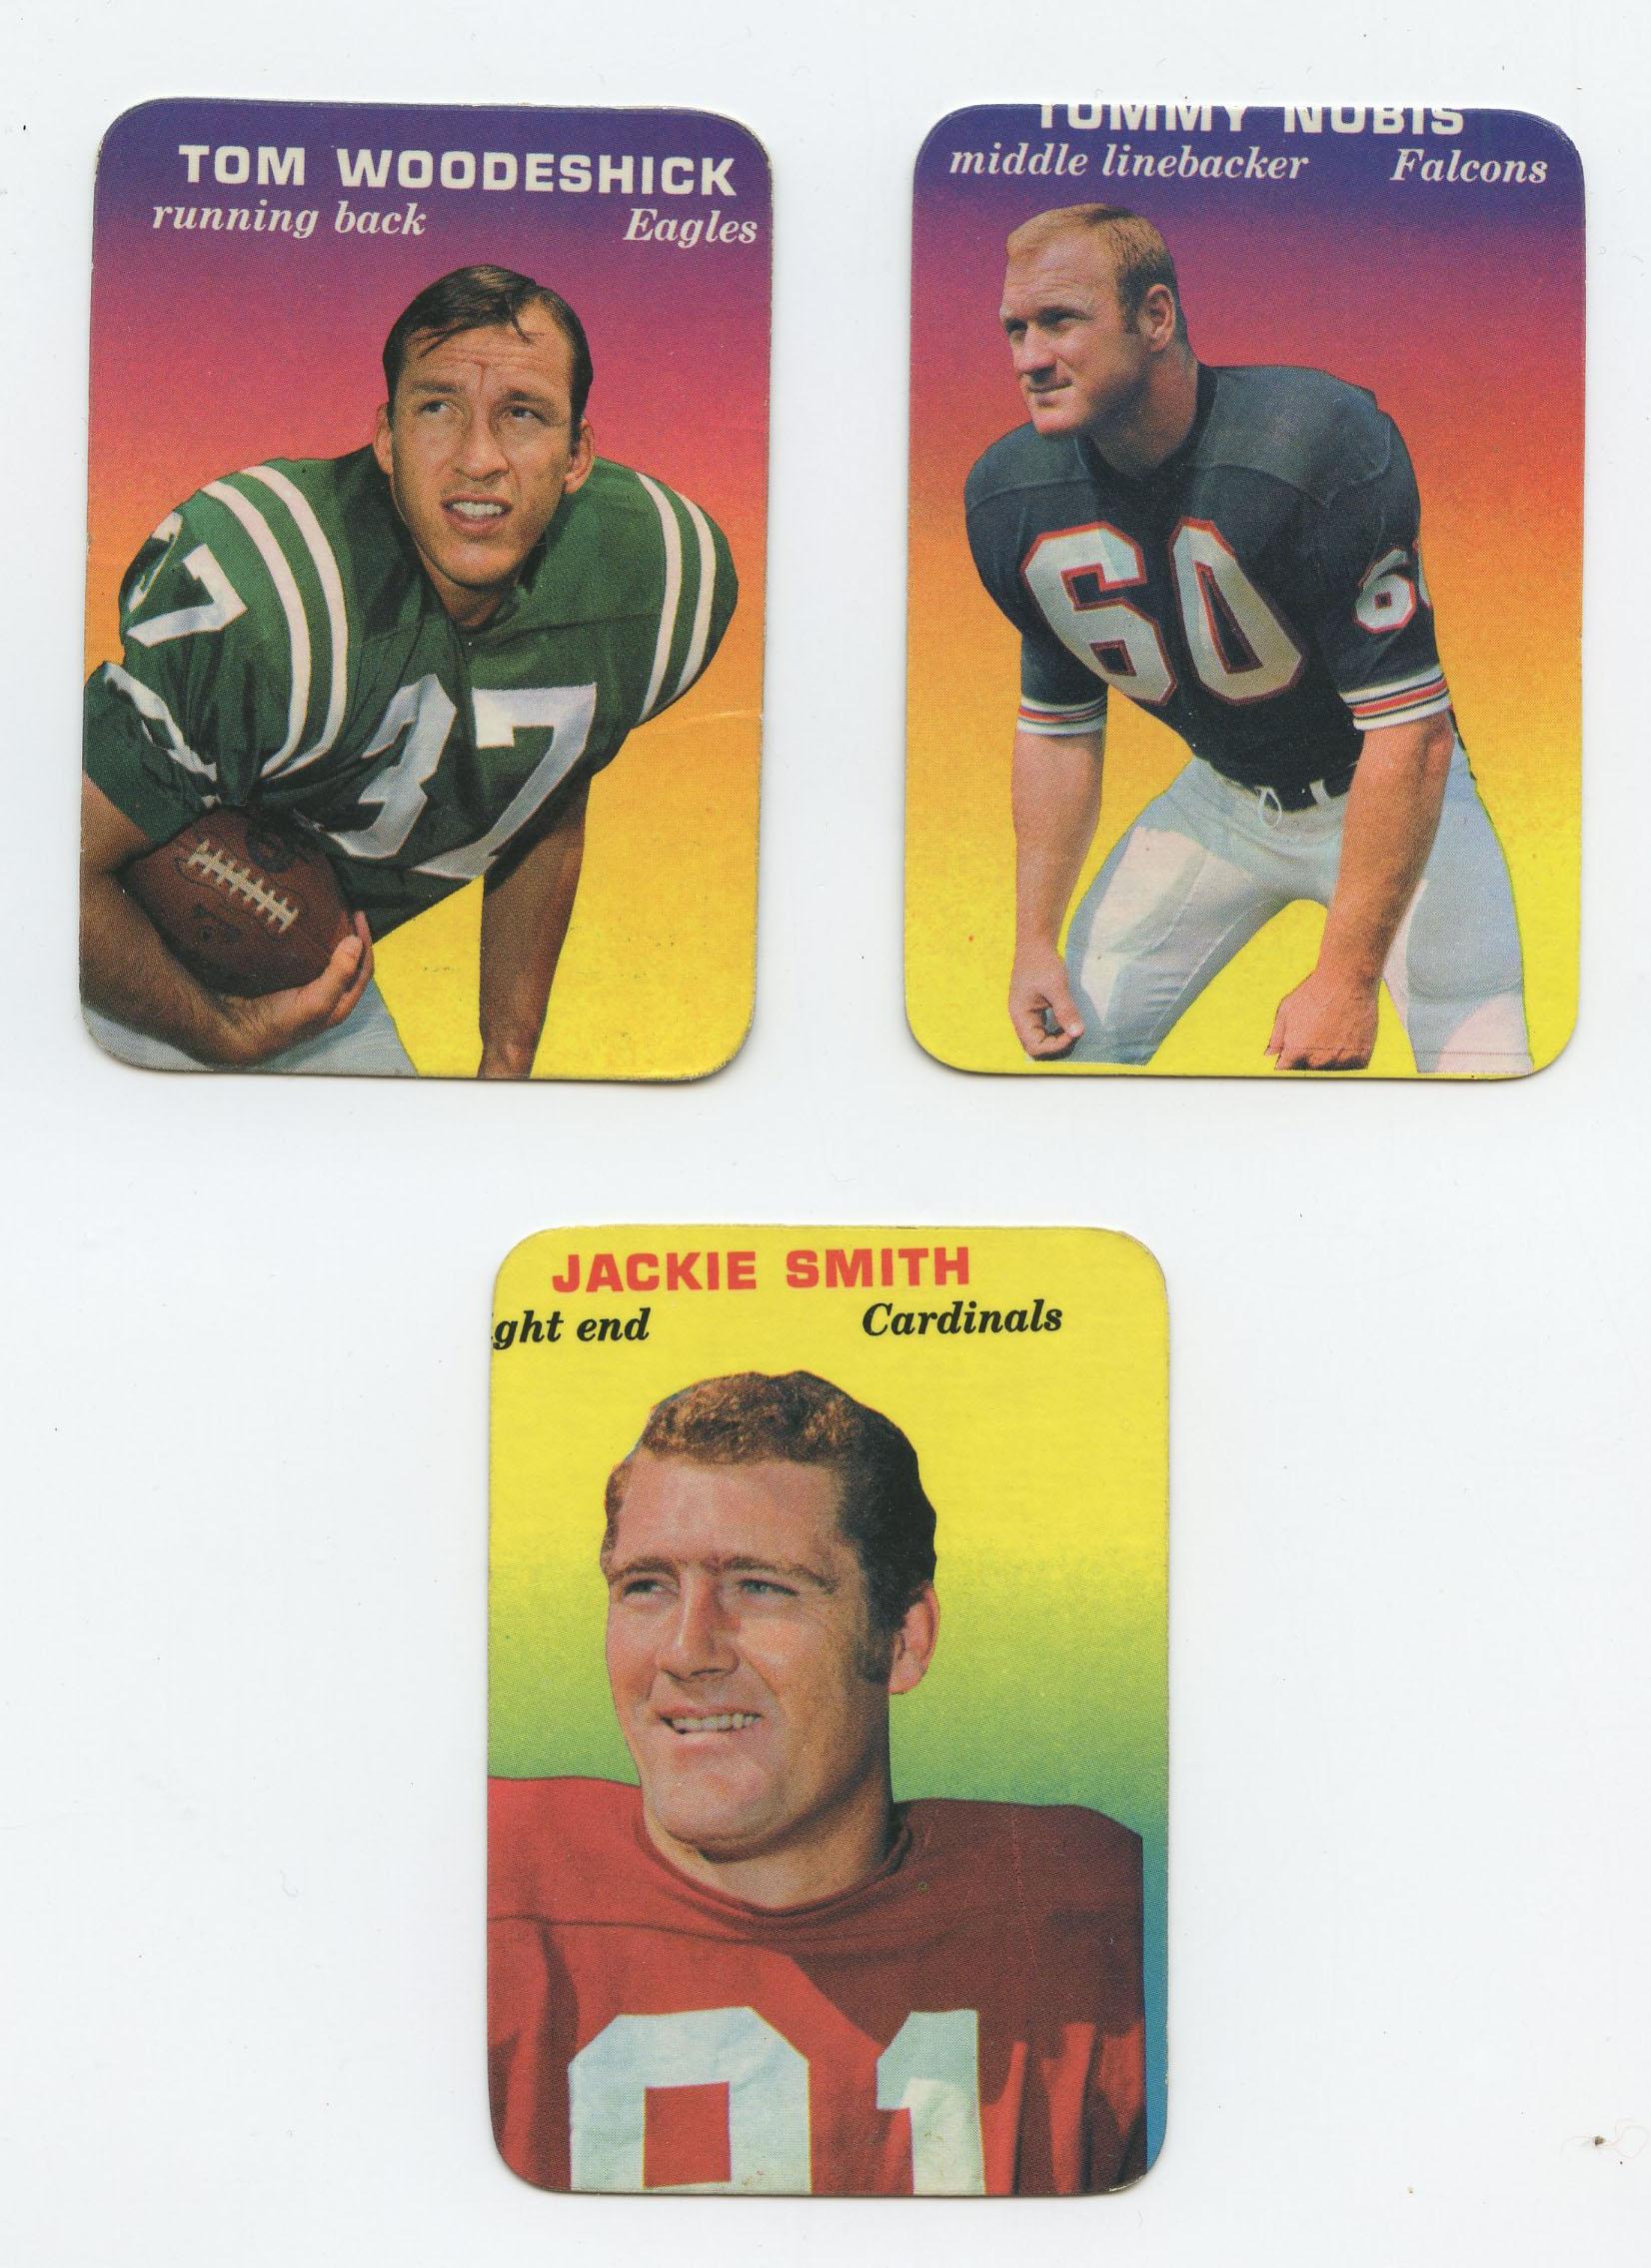 1970 Football Glosy 1 front128